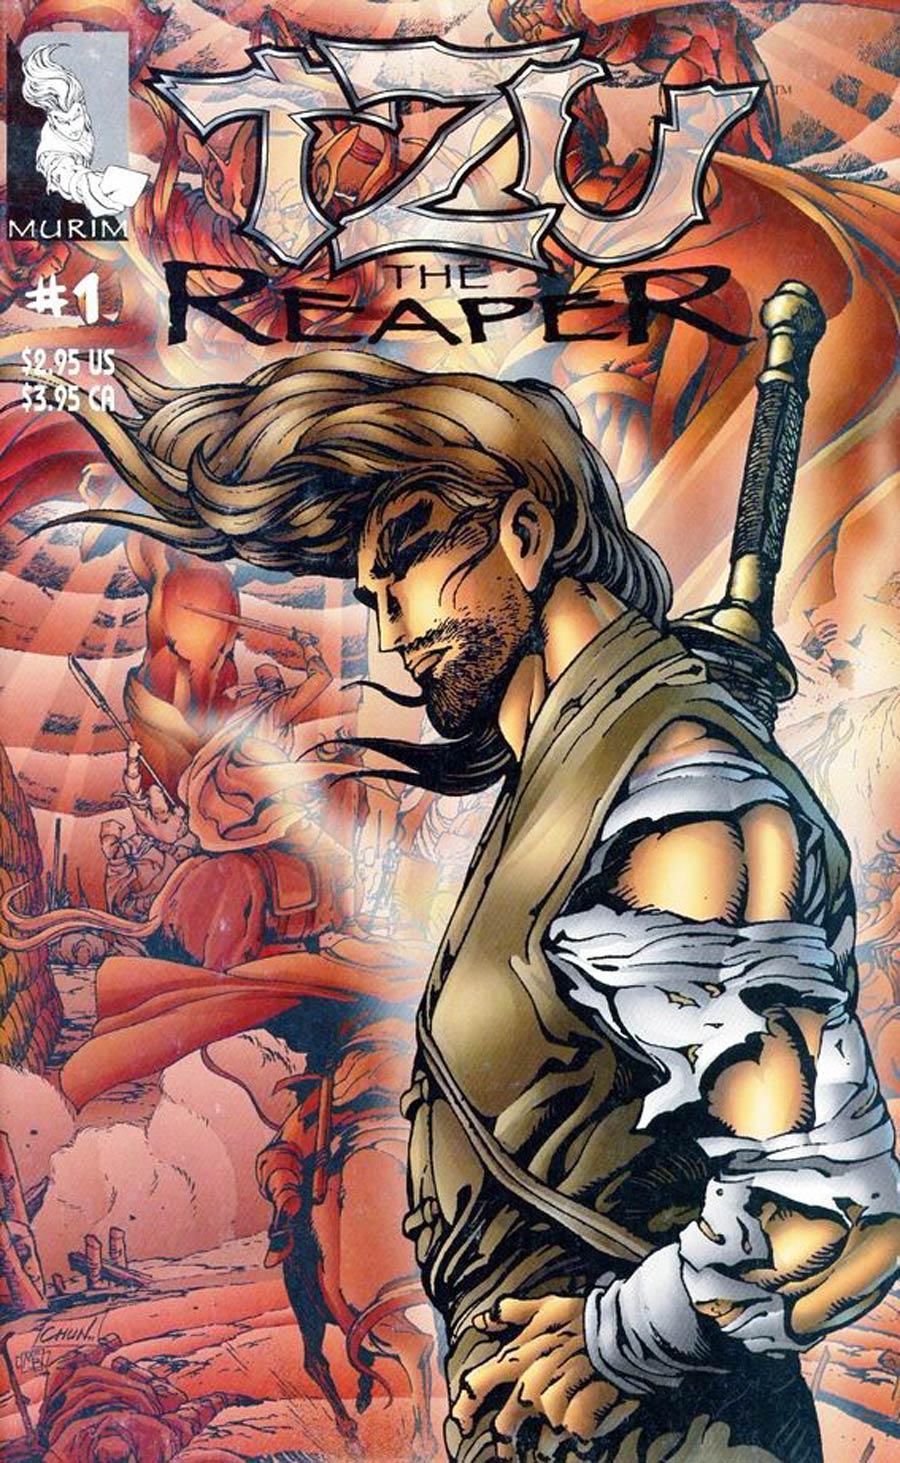 Tzu The Reaper #1